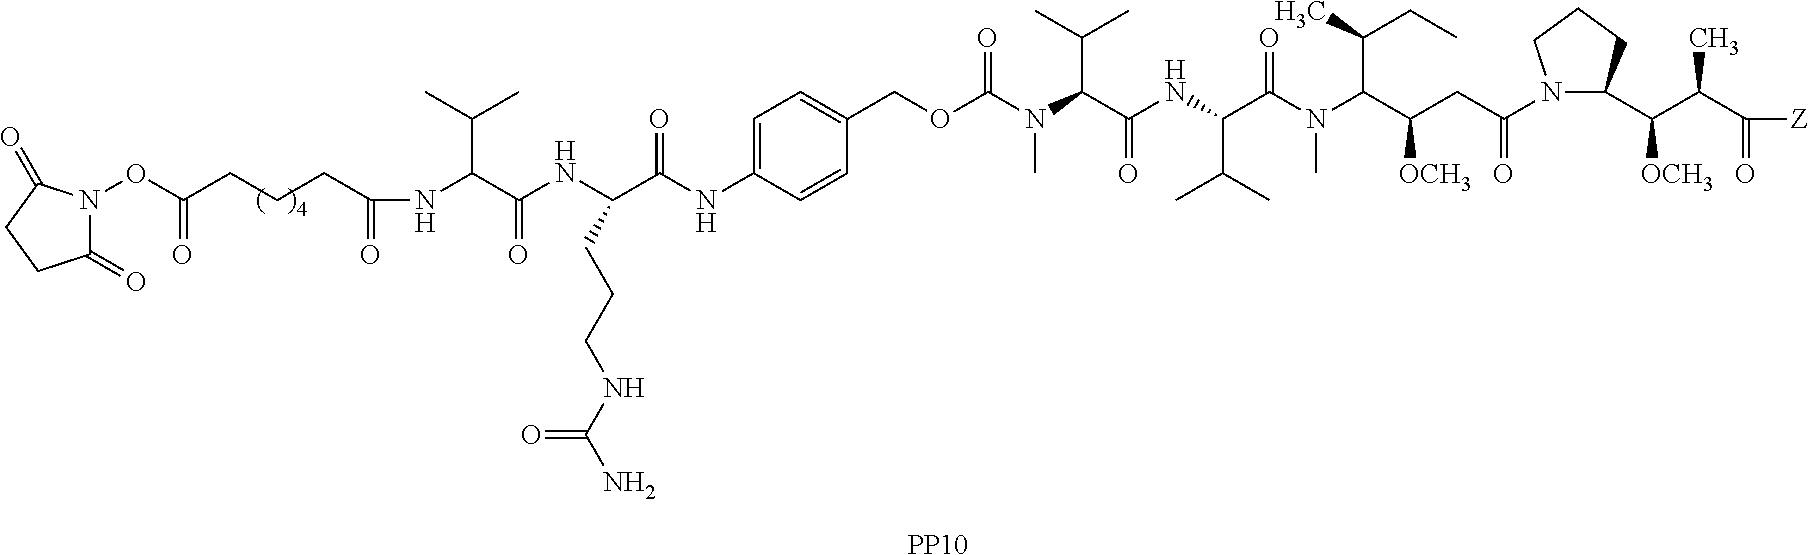 Figure US08871720-20141028-C00181